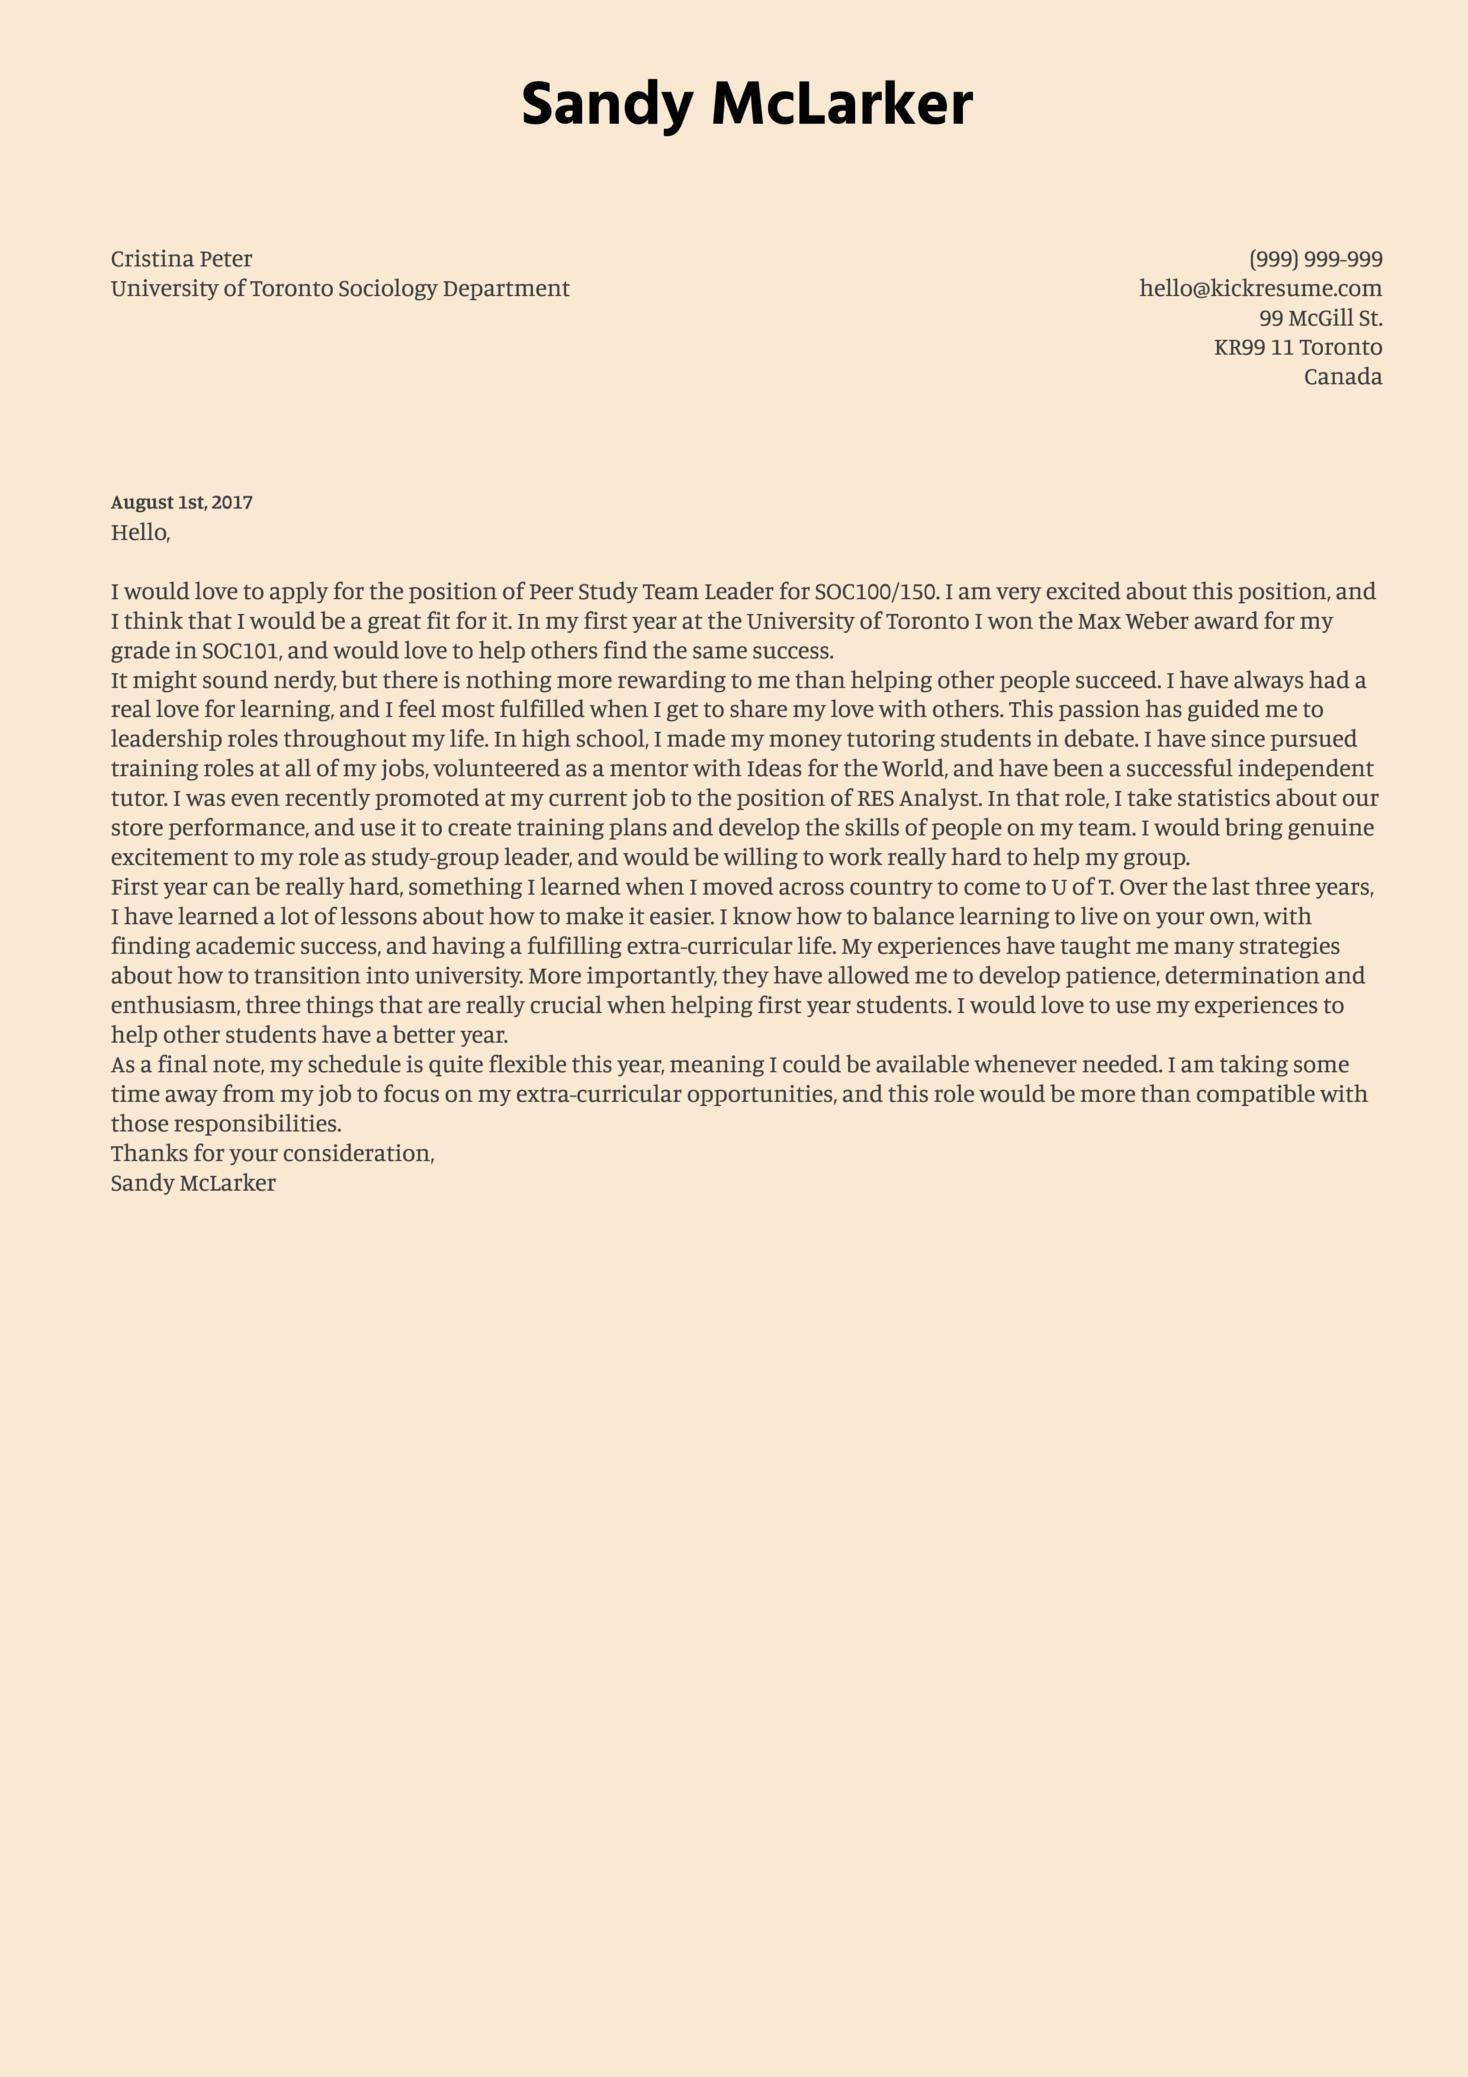 Study Team Leader Cover Letter Sample